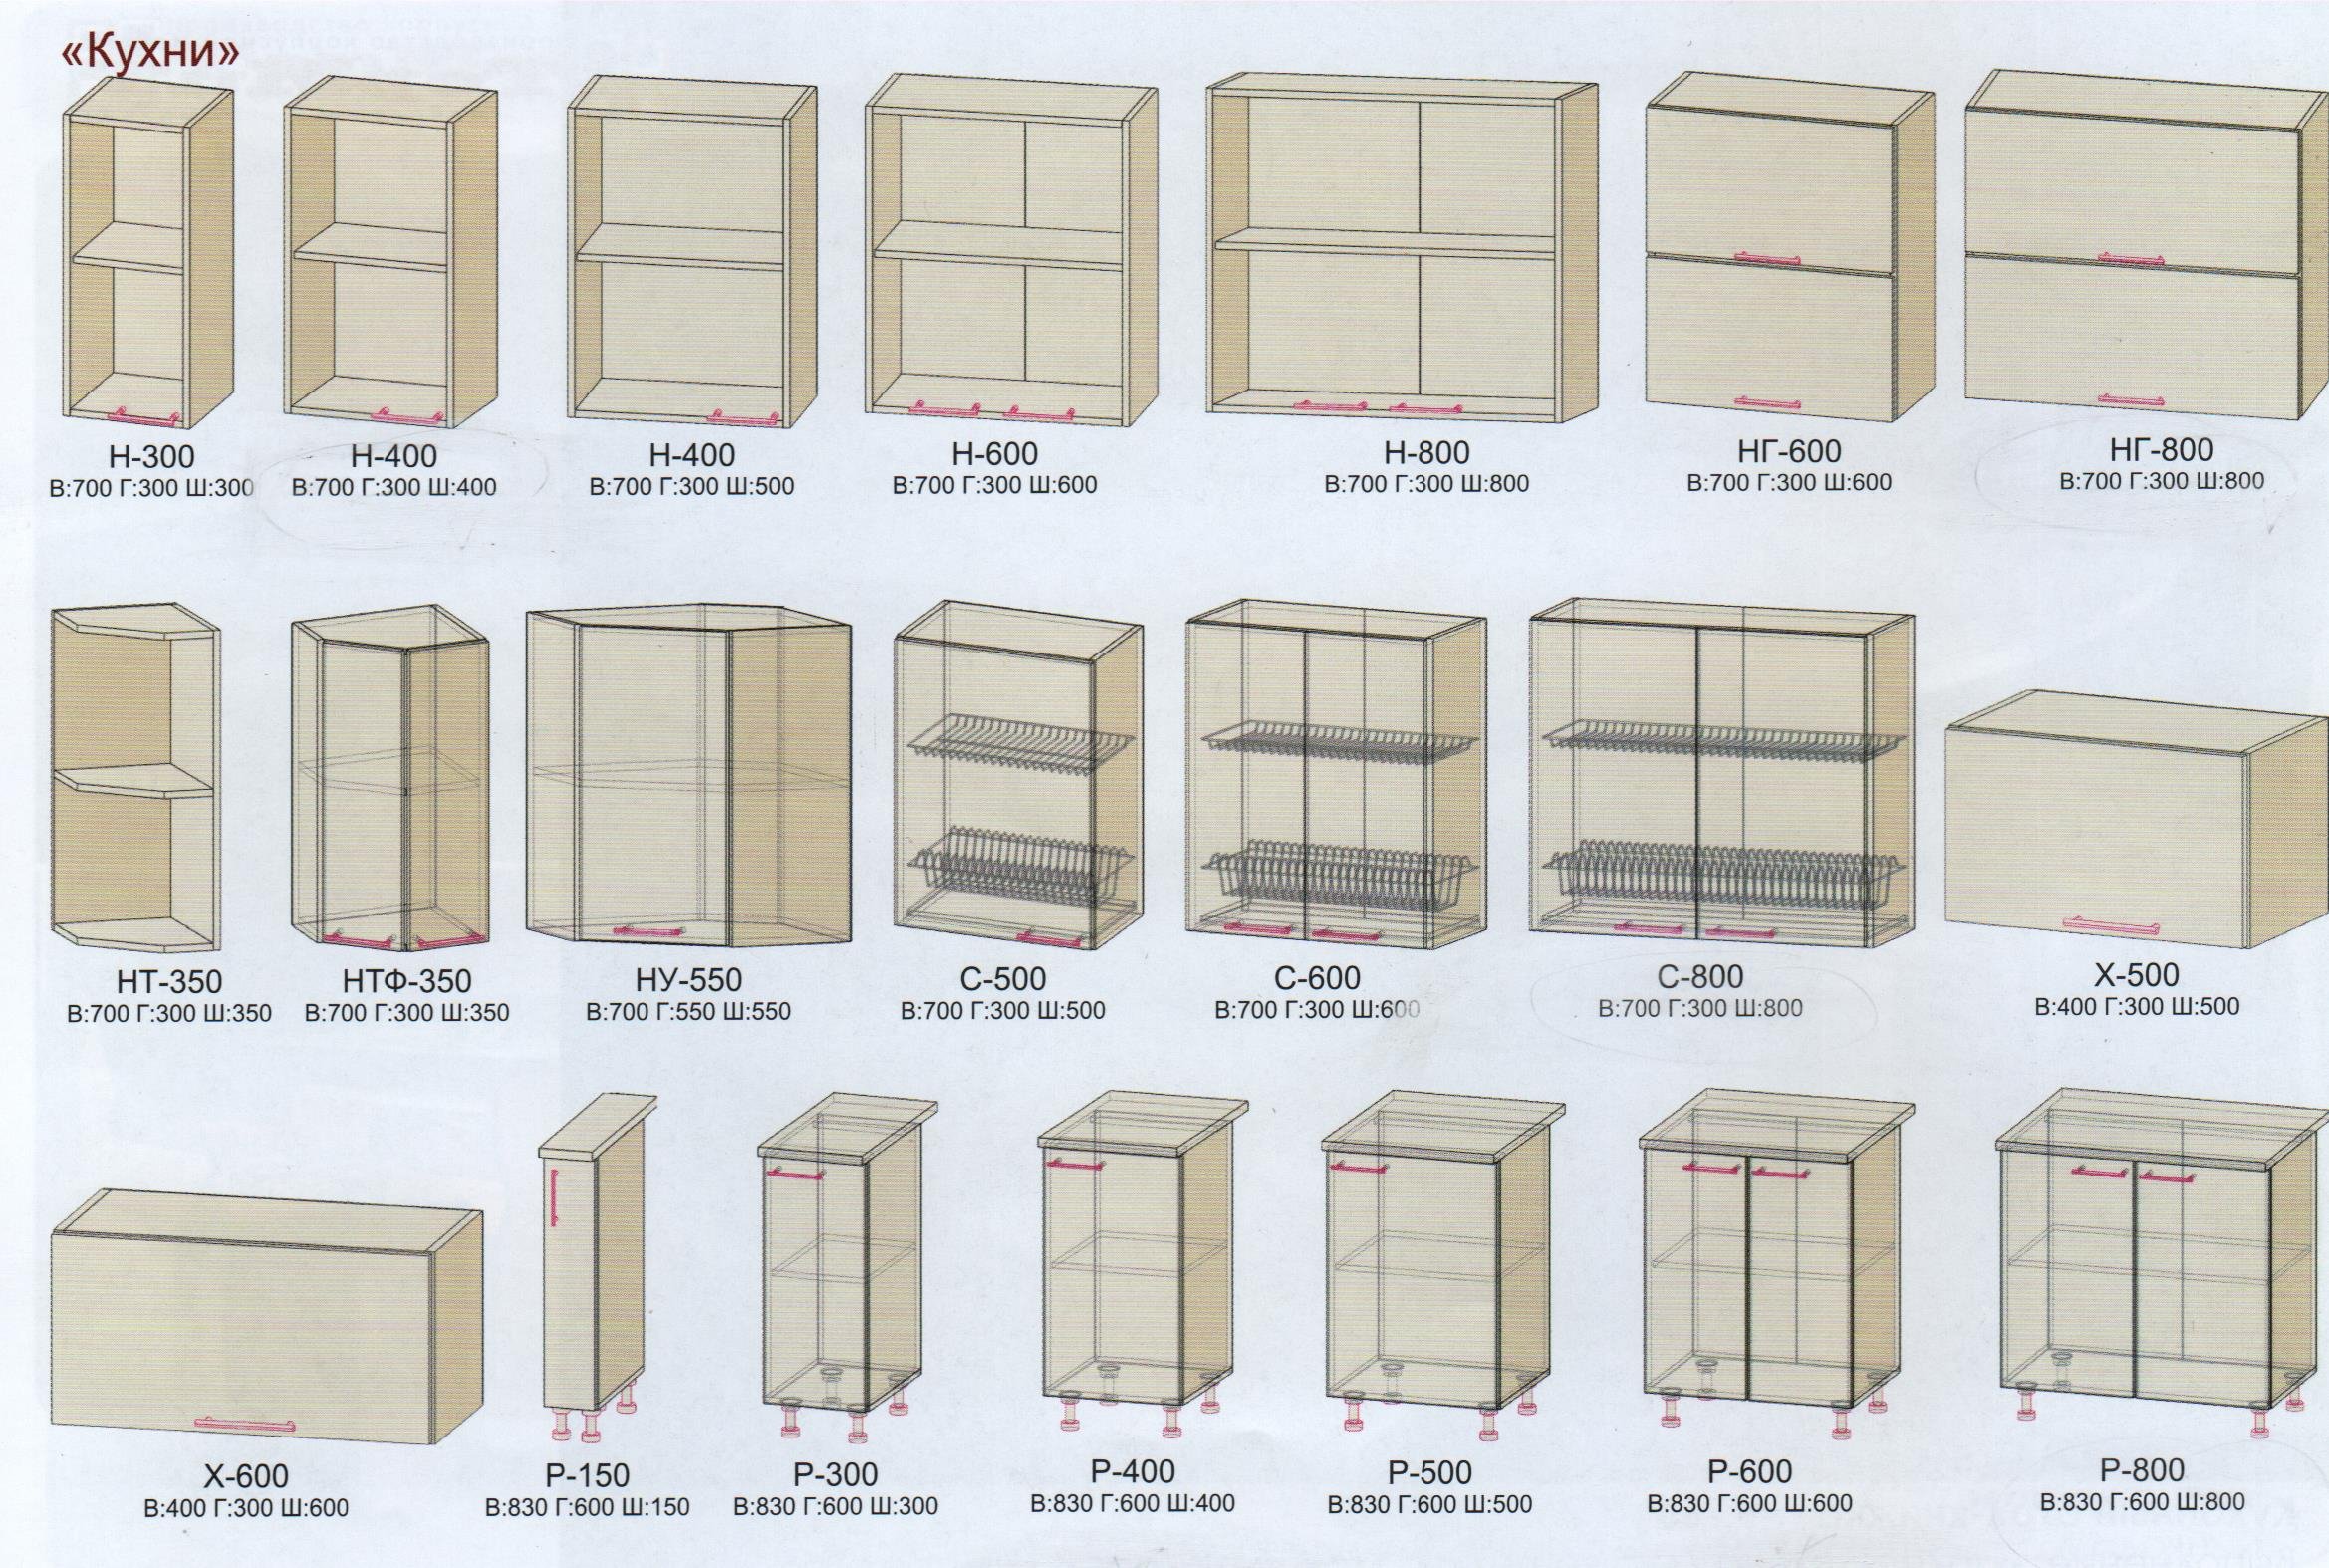 здесь режиме кухонные модули стандартные размеры чертежи фото картине